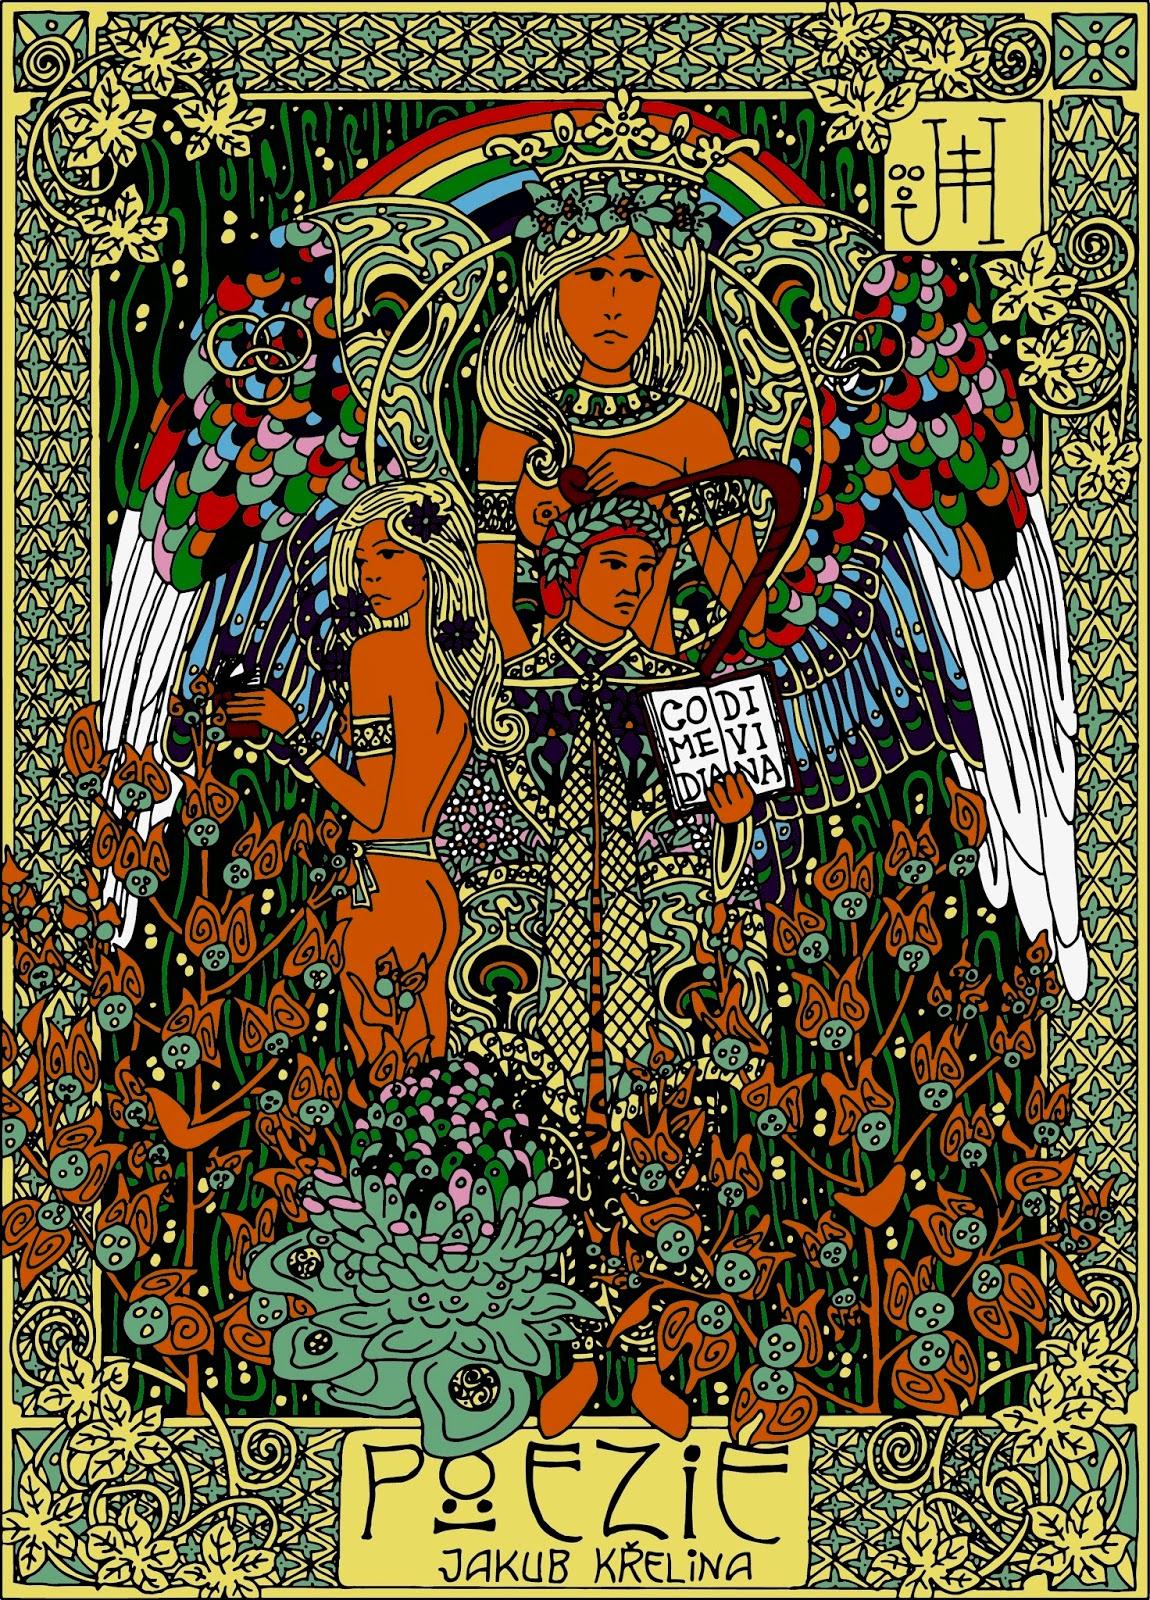 Ilustrace básnické sbírky Jakuba Křeliny s motivem Danta Alighieriho (autor ilustrace: Jan Hachran)